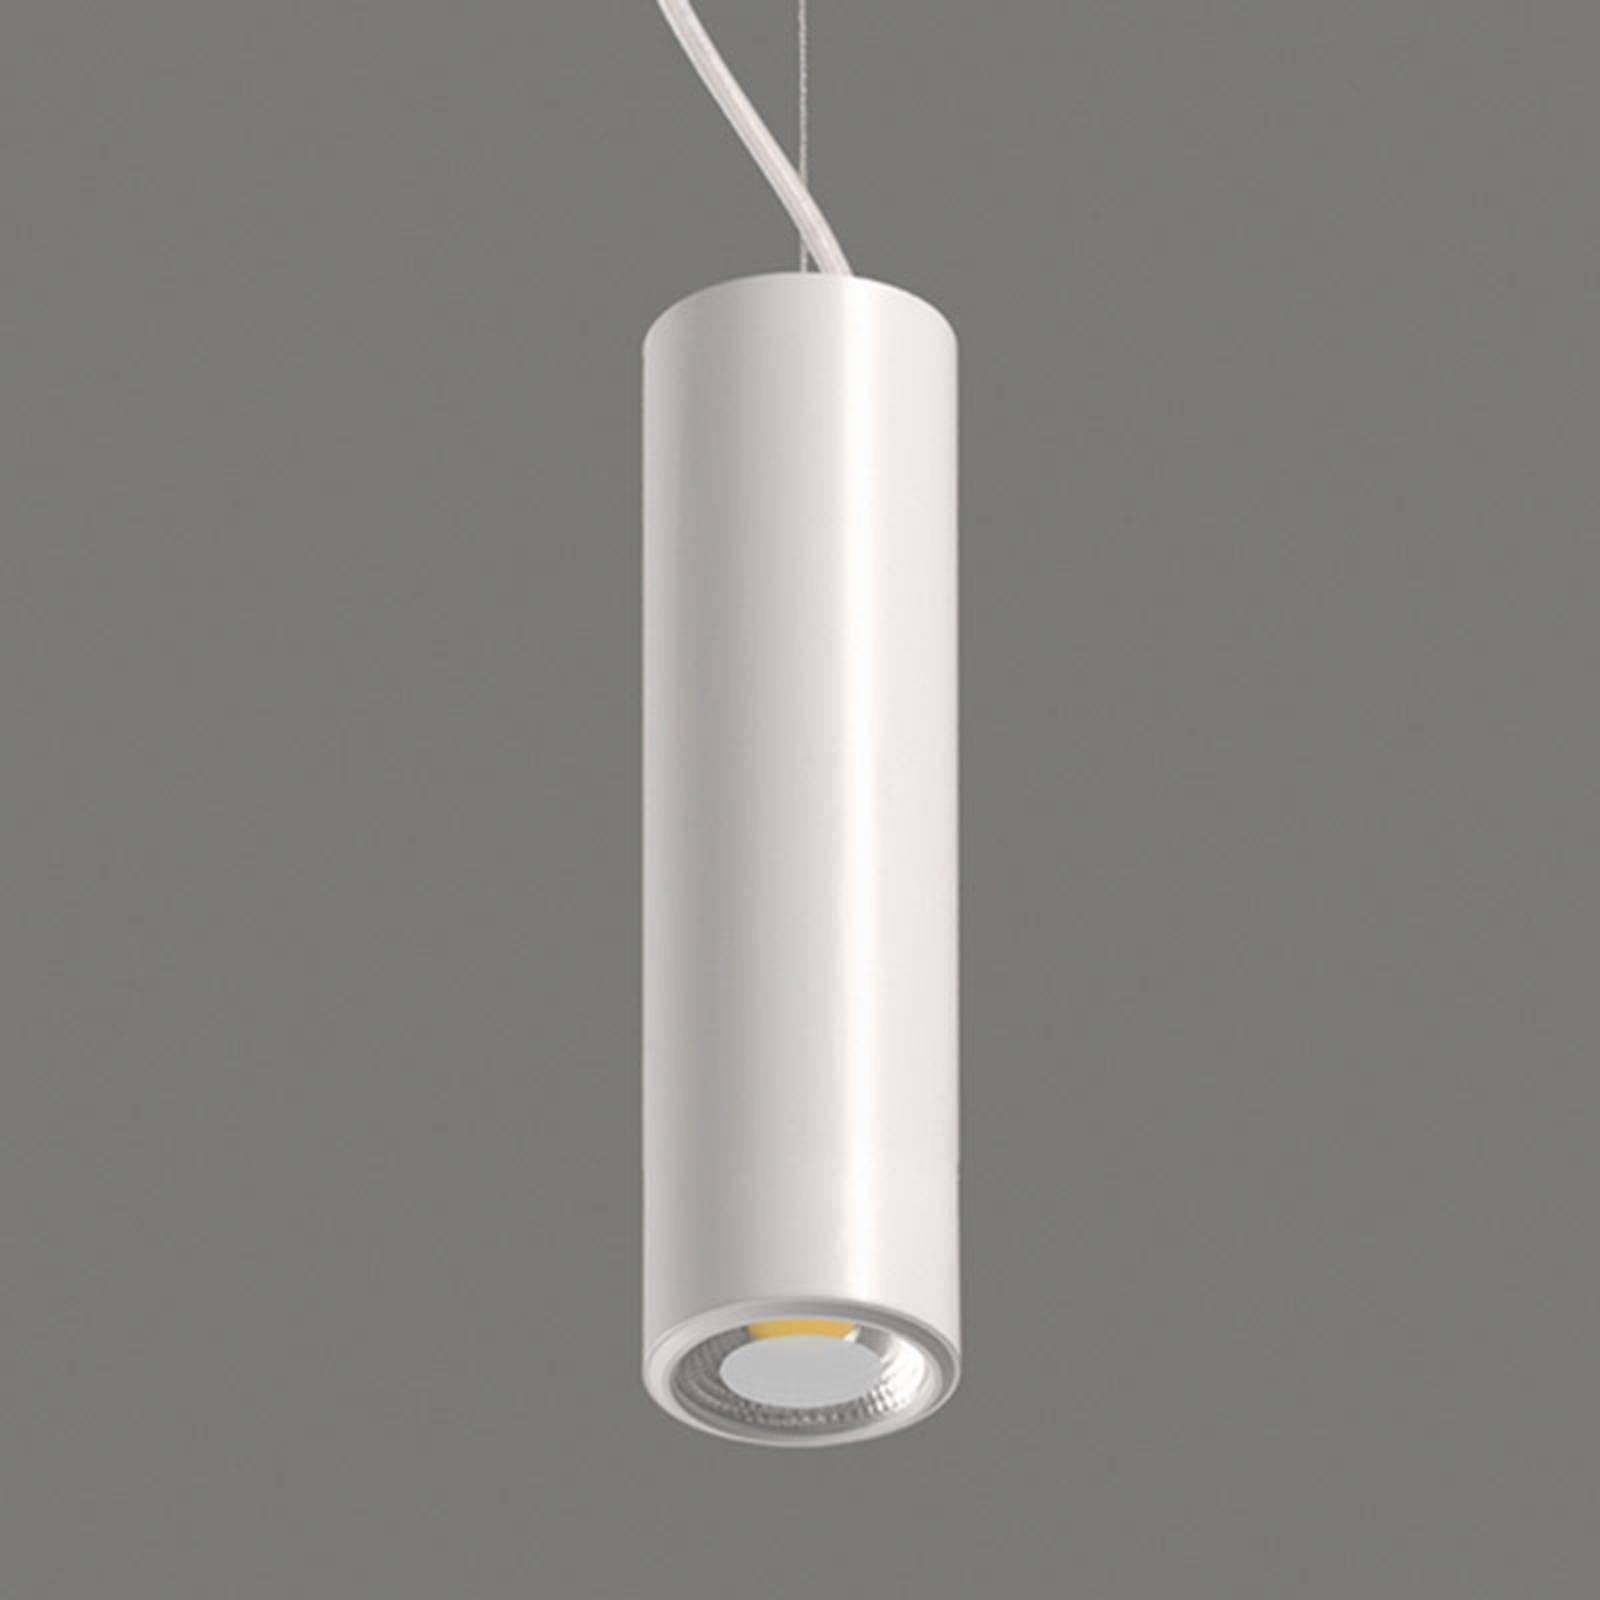 Studio - valkoinen LED-riippuvalaisin